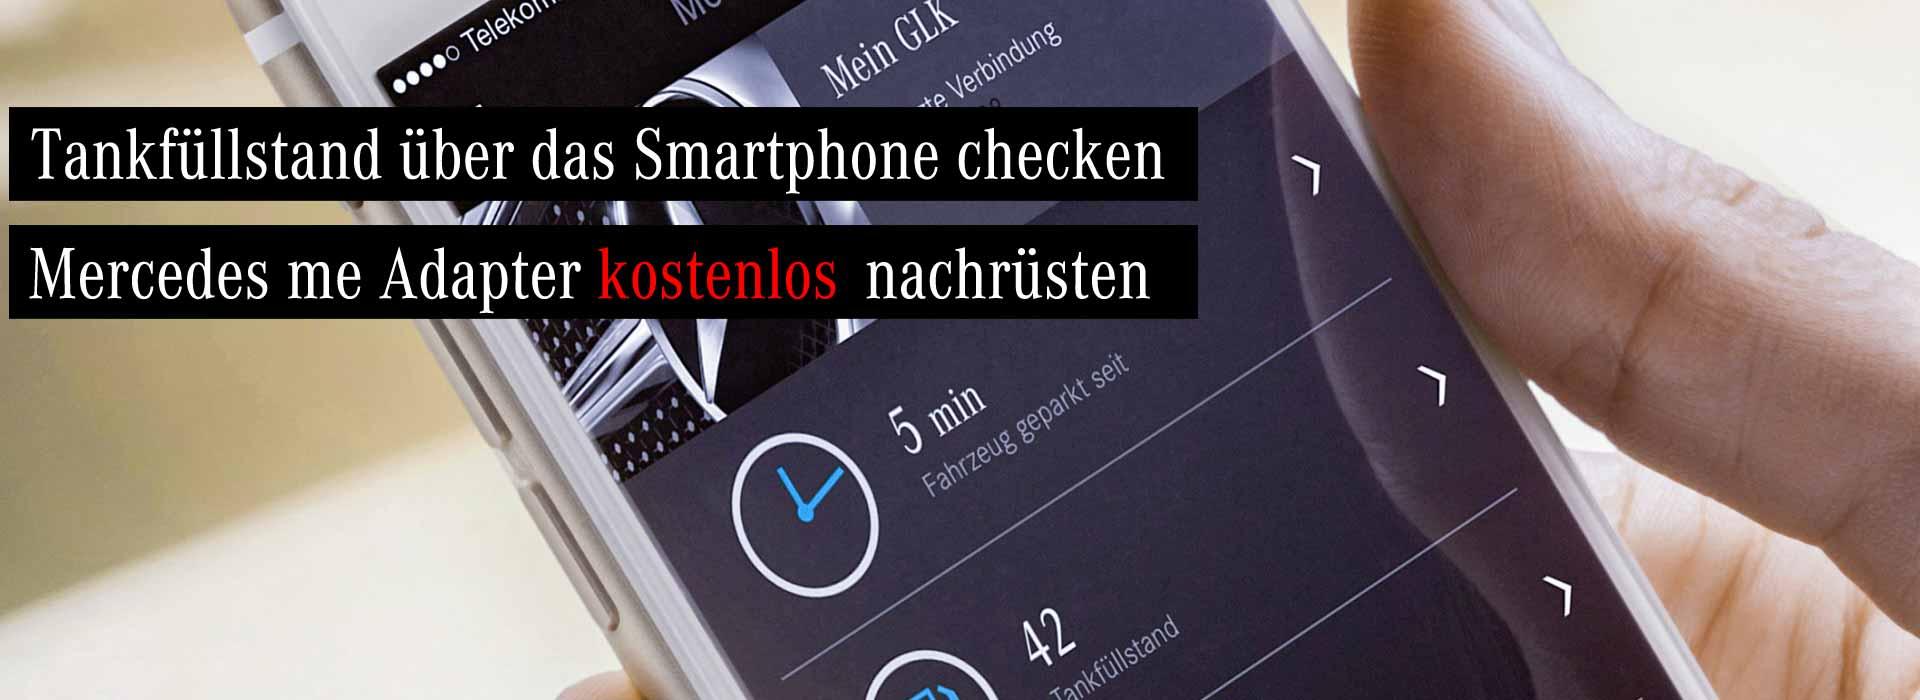 Smartphone für Mercedes me Adapter